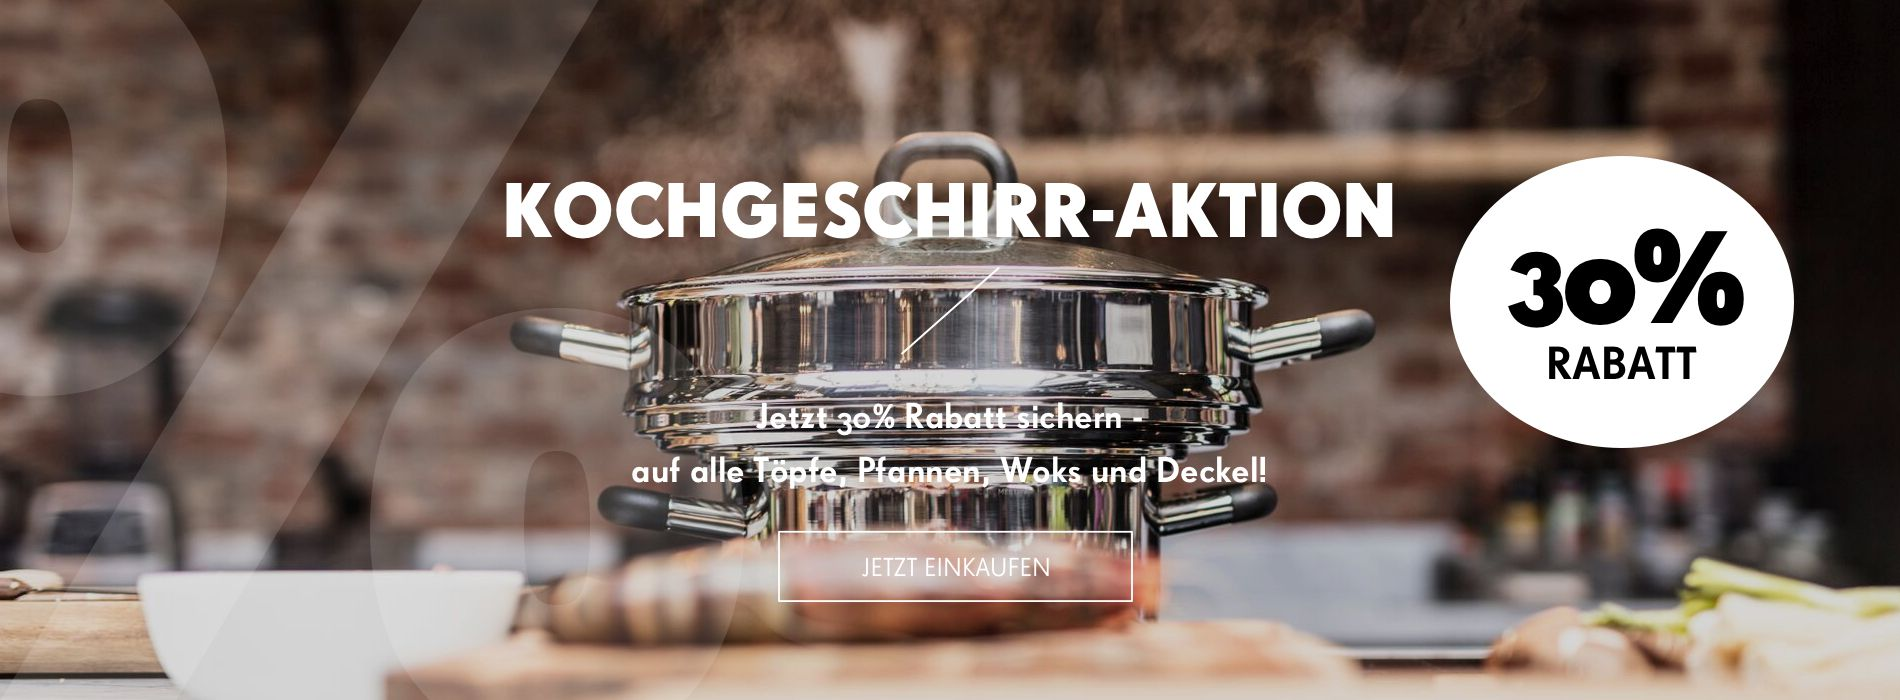 Töpfe, Pfannen, Woks und Deckel von Carl Mertens 30% reduziert!